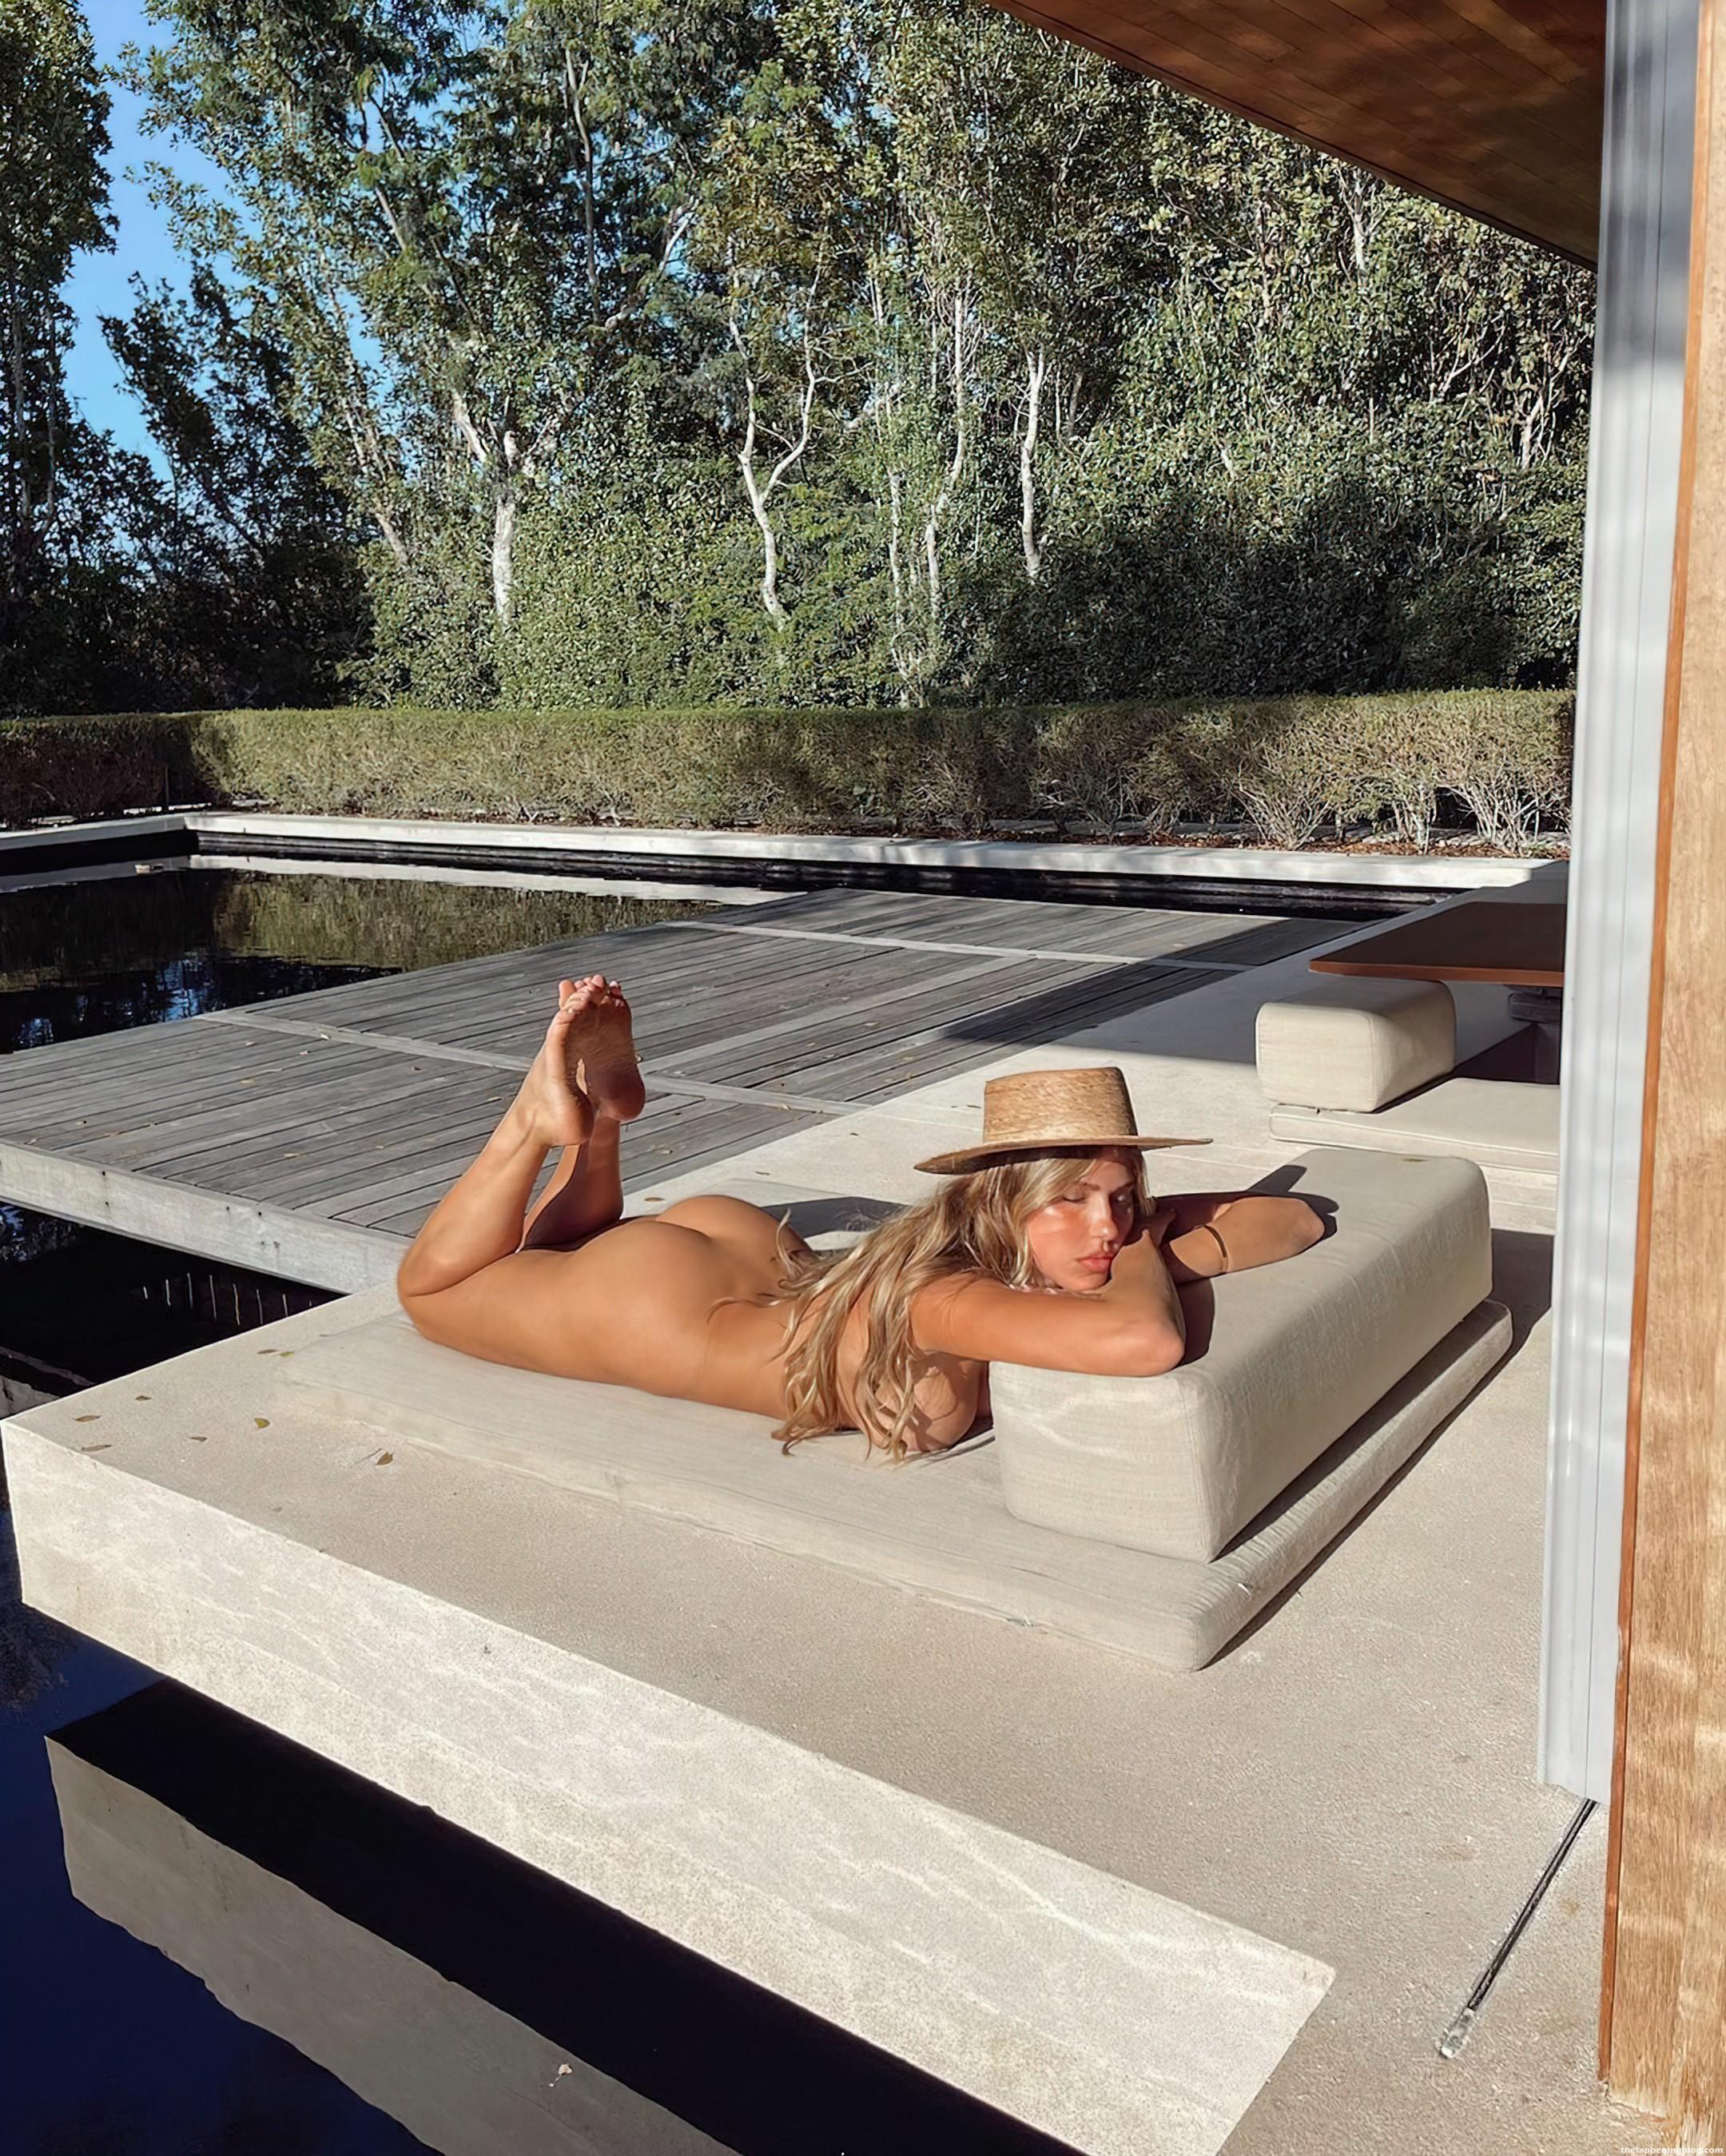 Kara-Del-Toro-Naked-1-thefappeningblog.com_.jpg